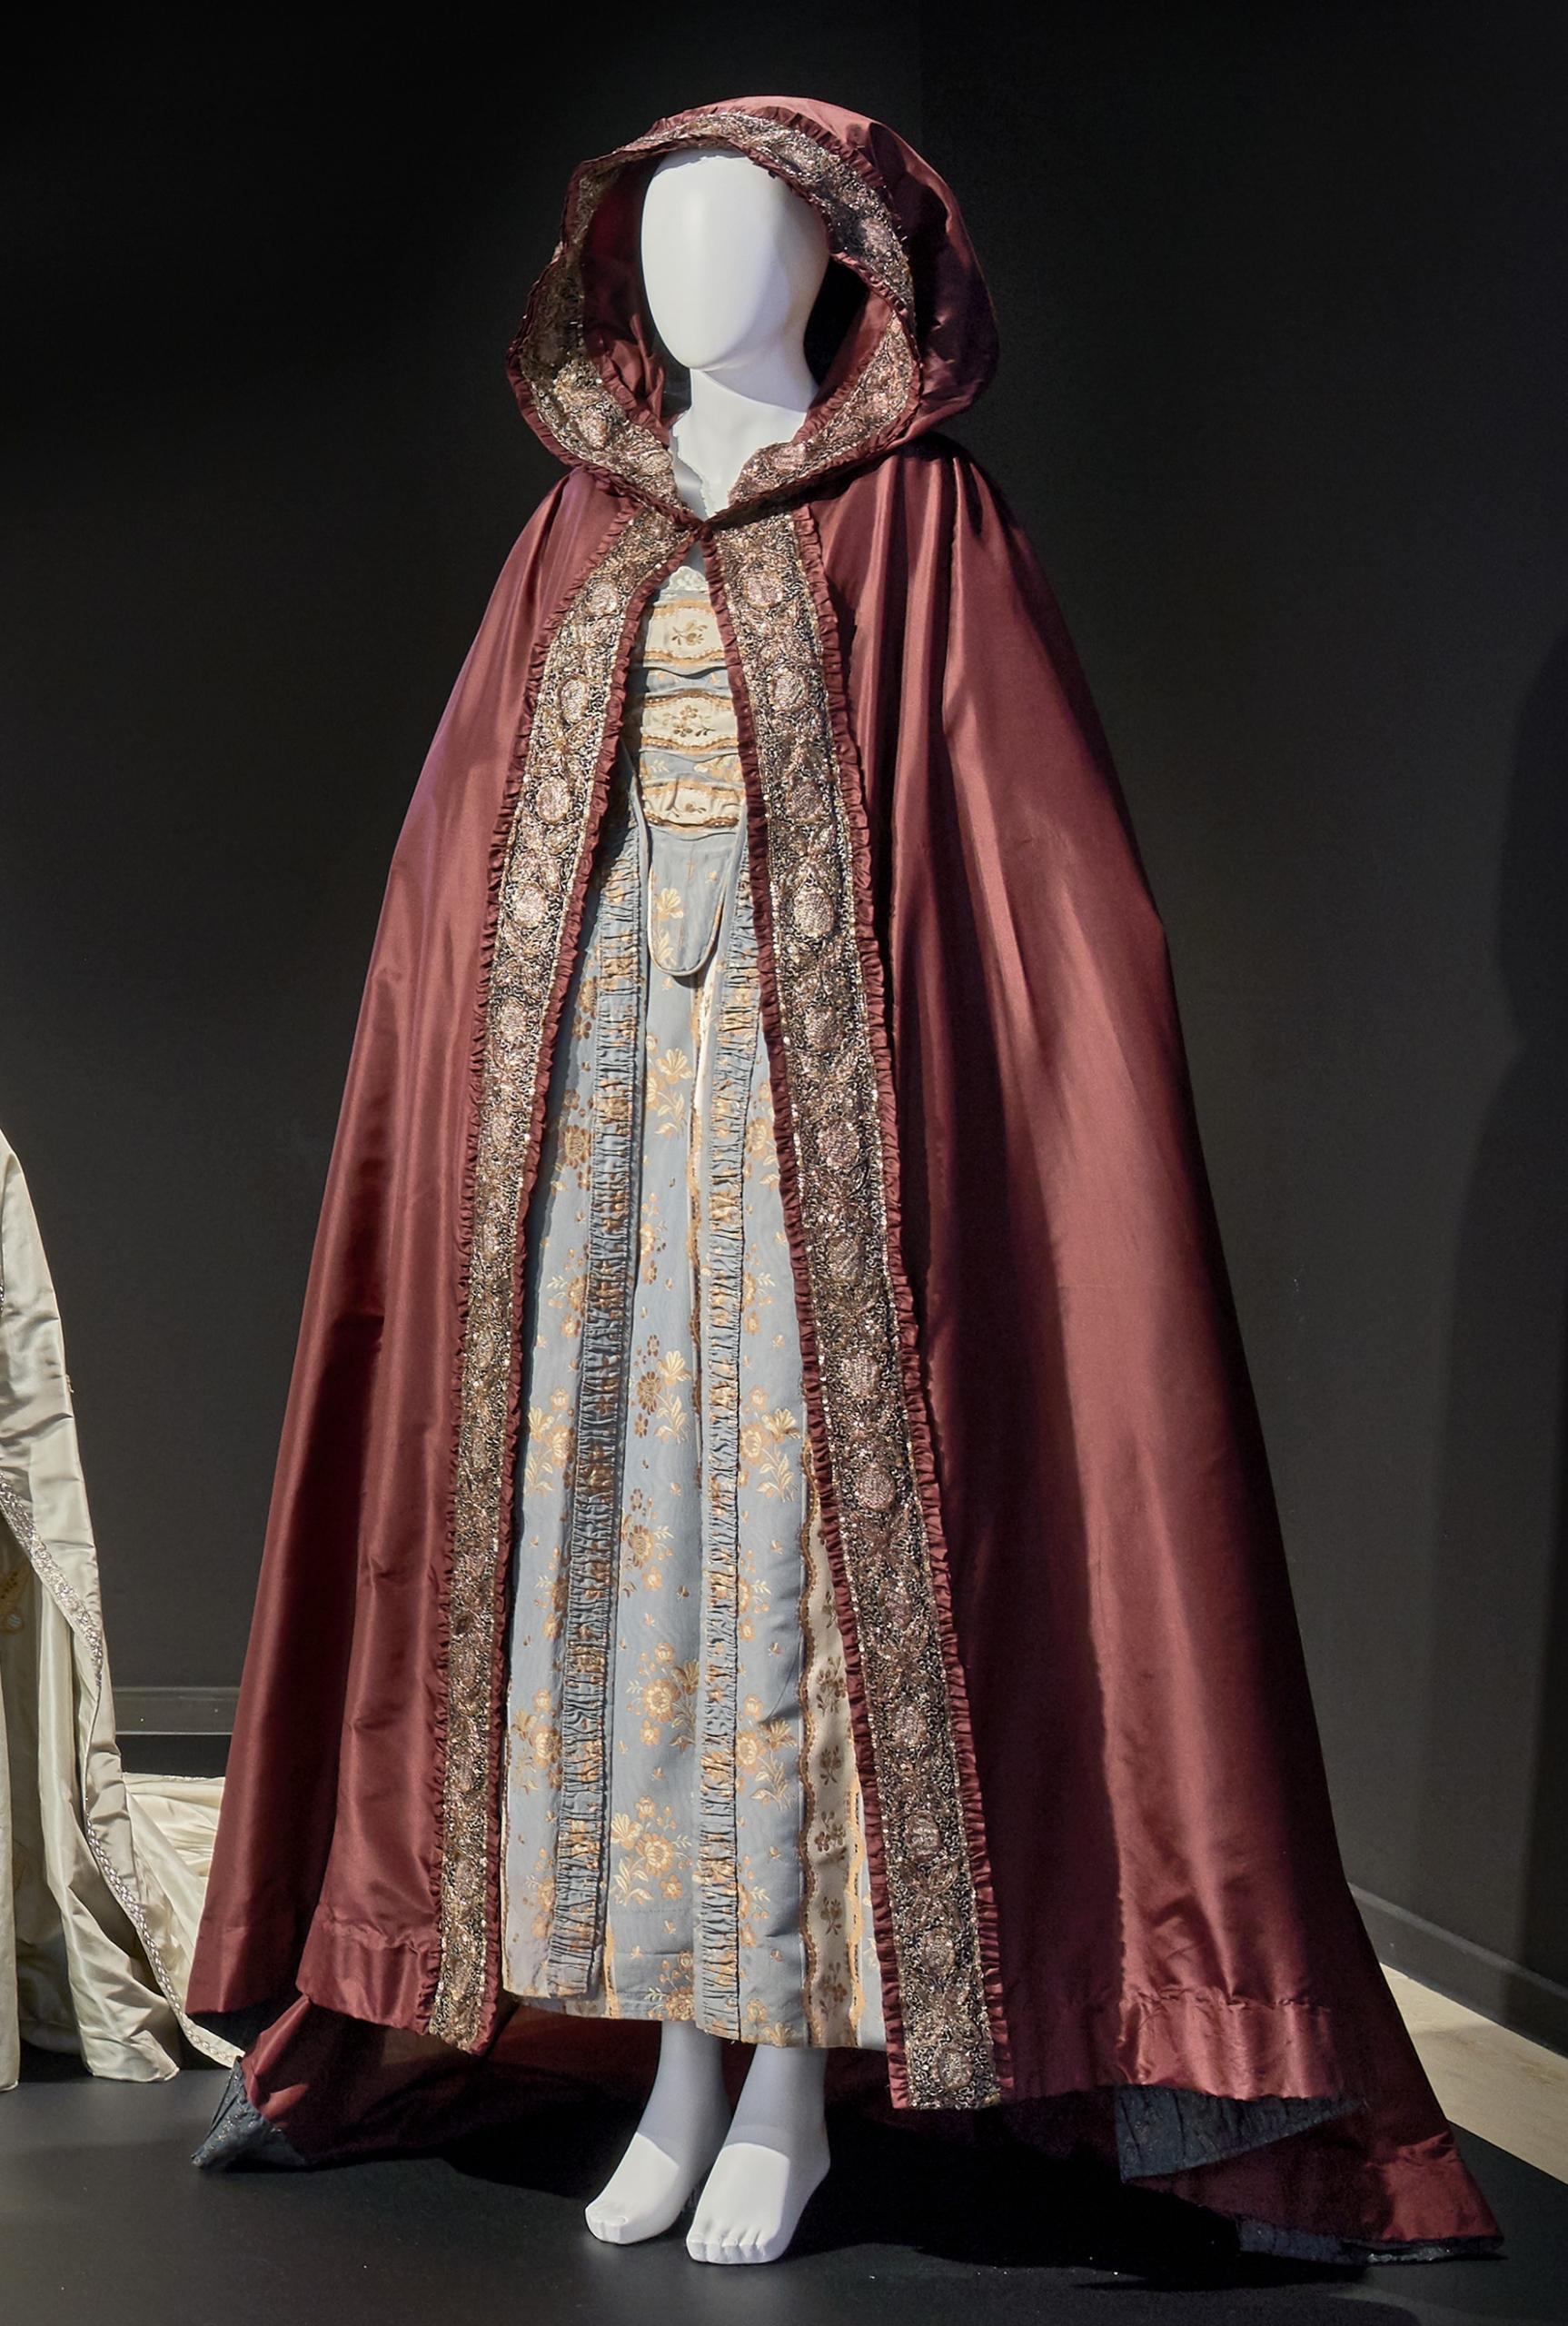 Katharina die Große: Dreiteiliges, hellblaues Tageskleid aus Baumwoll-Damast und bordeauxfarbenes Seidencape mit großer Kapuze und langer Schleppe in goldgelb und goldbraun